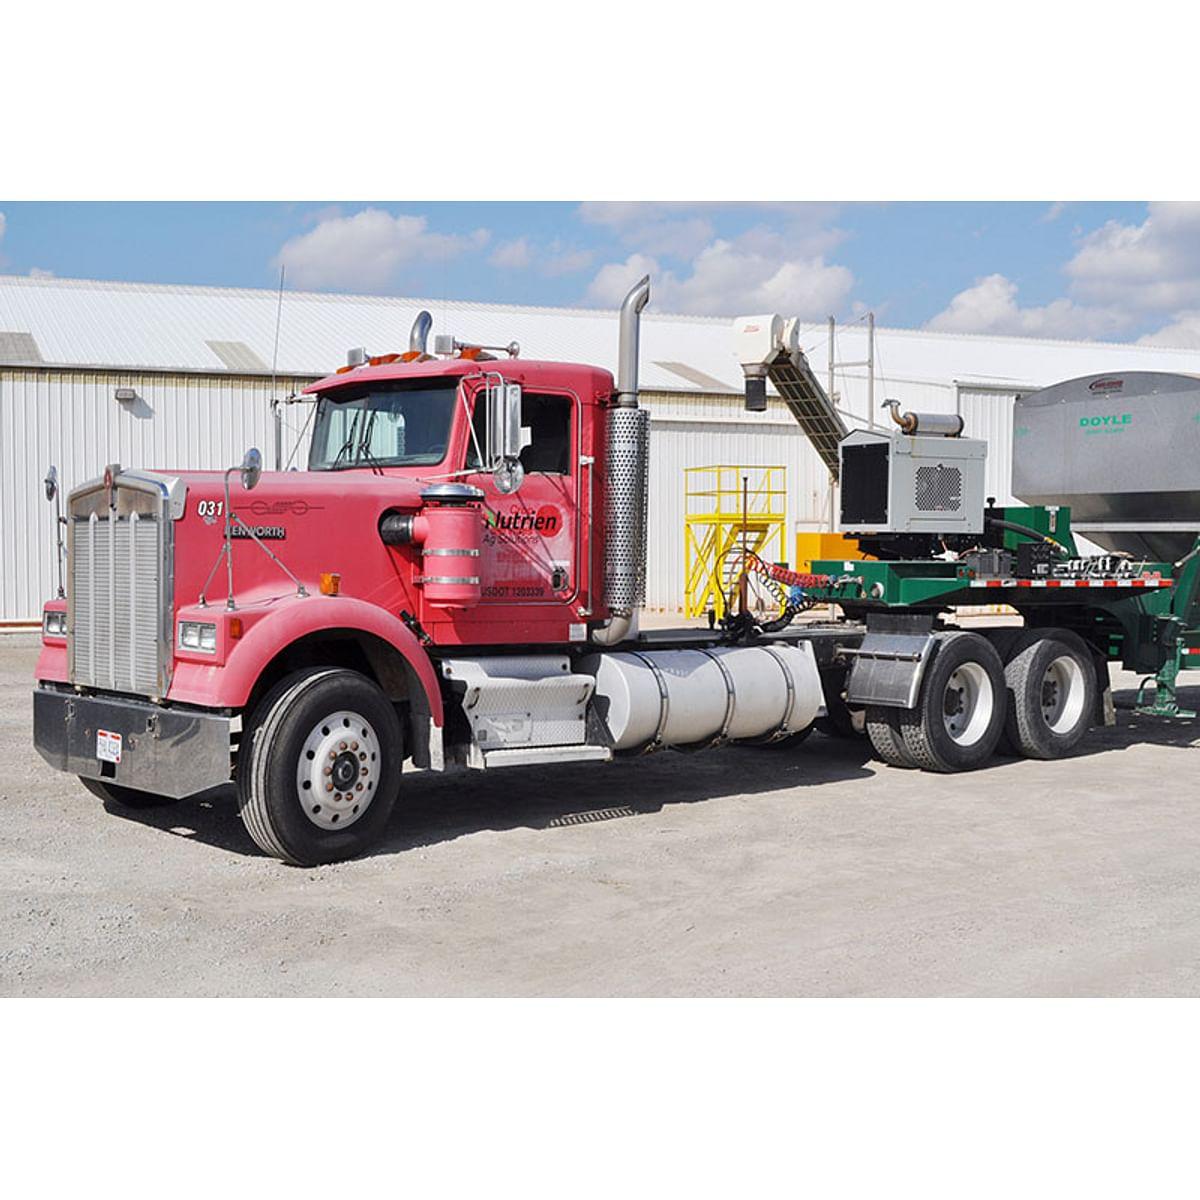 Nutrien Ag Solutions Surplus Equipment Auction | The Wendt